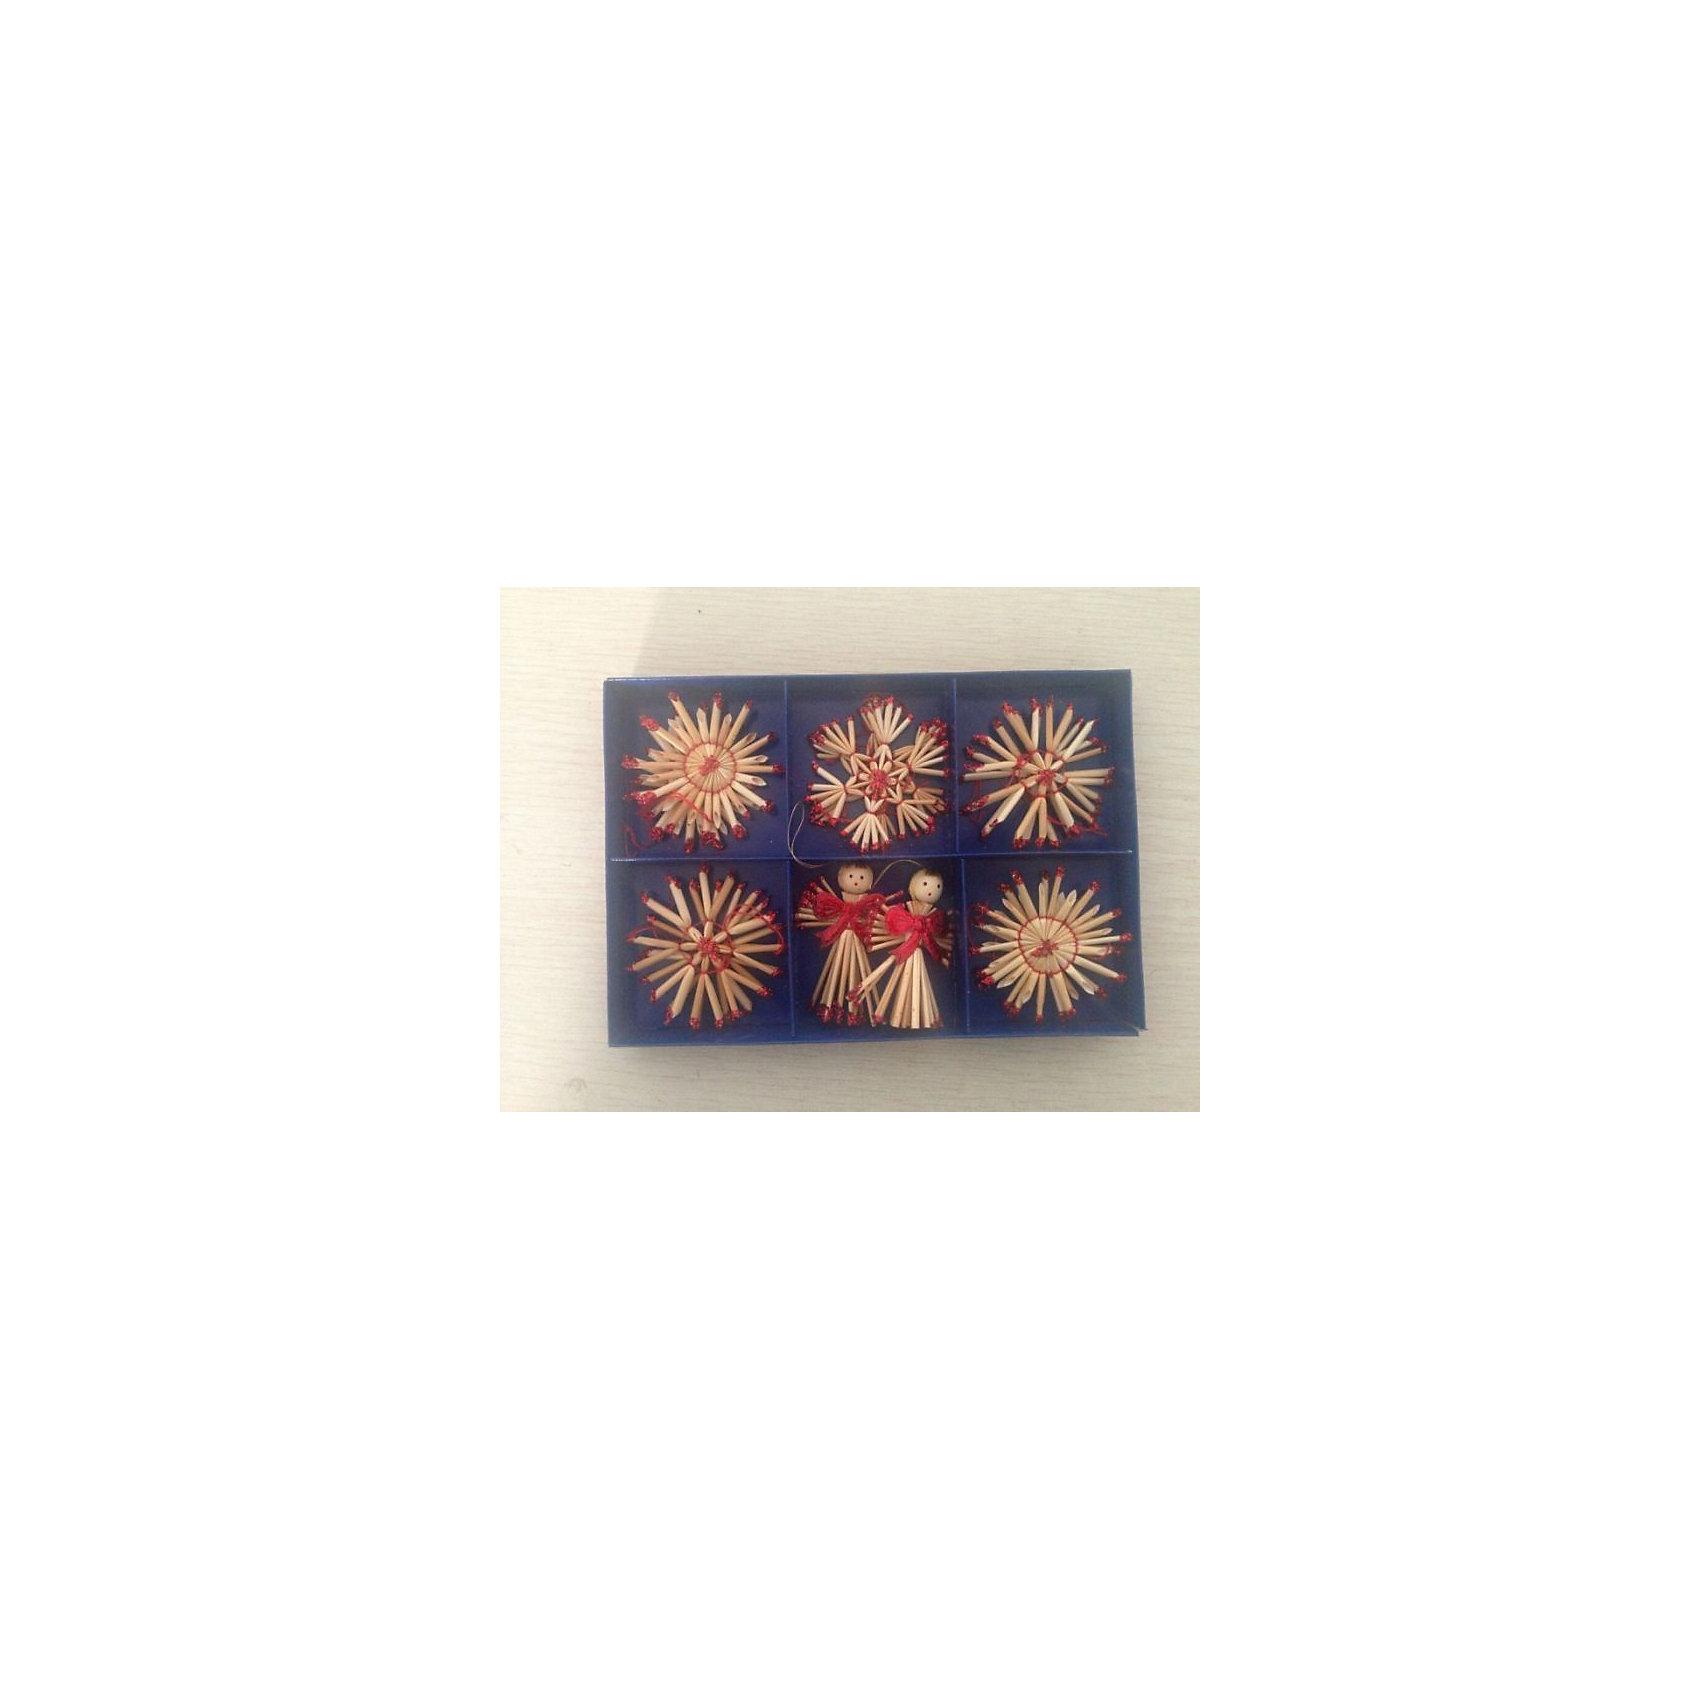 Украшение Ангелы и звездыНовинки Новый Год<br>Украшение Ангелы и звезды, Феникс-Презент, замечательно украсит Вашу елку или интерьер на новогодние и рождественские праздники и создаст праздничную волшебную атмосферу. В комплекте 12 украшений из соломки в виде звездочек разной формы и фигурок ангелов, украшенных бантиками. Поверхность игрушек покрыта лаком, имеются петельки, за которые их можно повесить в любом понравившемся Вам месте.<br><br>Дополнительная информация:<br><br>- В комплекте: 12 шт.<br>- Материал: соломка.<br>- Размер украшения: 6 см.<br>- Размер упаковки: 19 х 13 х 2,5 см.<br>- Вес: 60 гр.<br><br>Украшение Ангелы и звезды, Феникс-Презент, можно купить в нашем интернет-магазине.<br><br>Ширина мм: 20<br>Глубина мм: 135<br>Высота мм: 195<br>Вес г: 60<br>Возраст от месяцев: 36<br>Возраст до месяцев: 2147483647<br>Пол: Унисекс<br>Возраст: Детский<br>SKU: 4276511